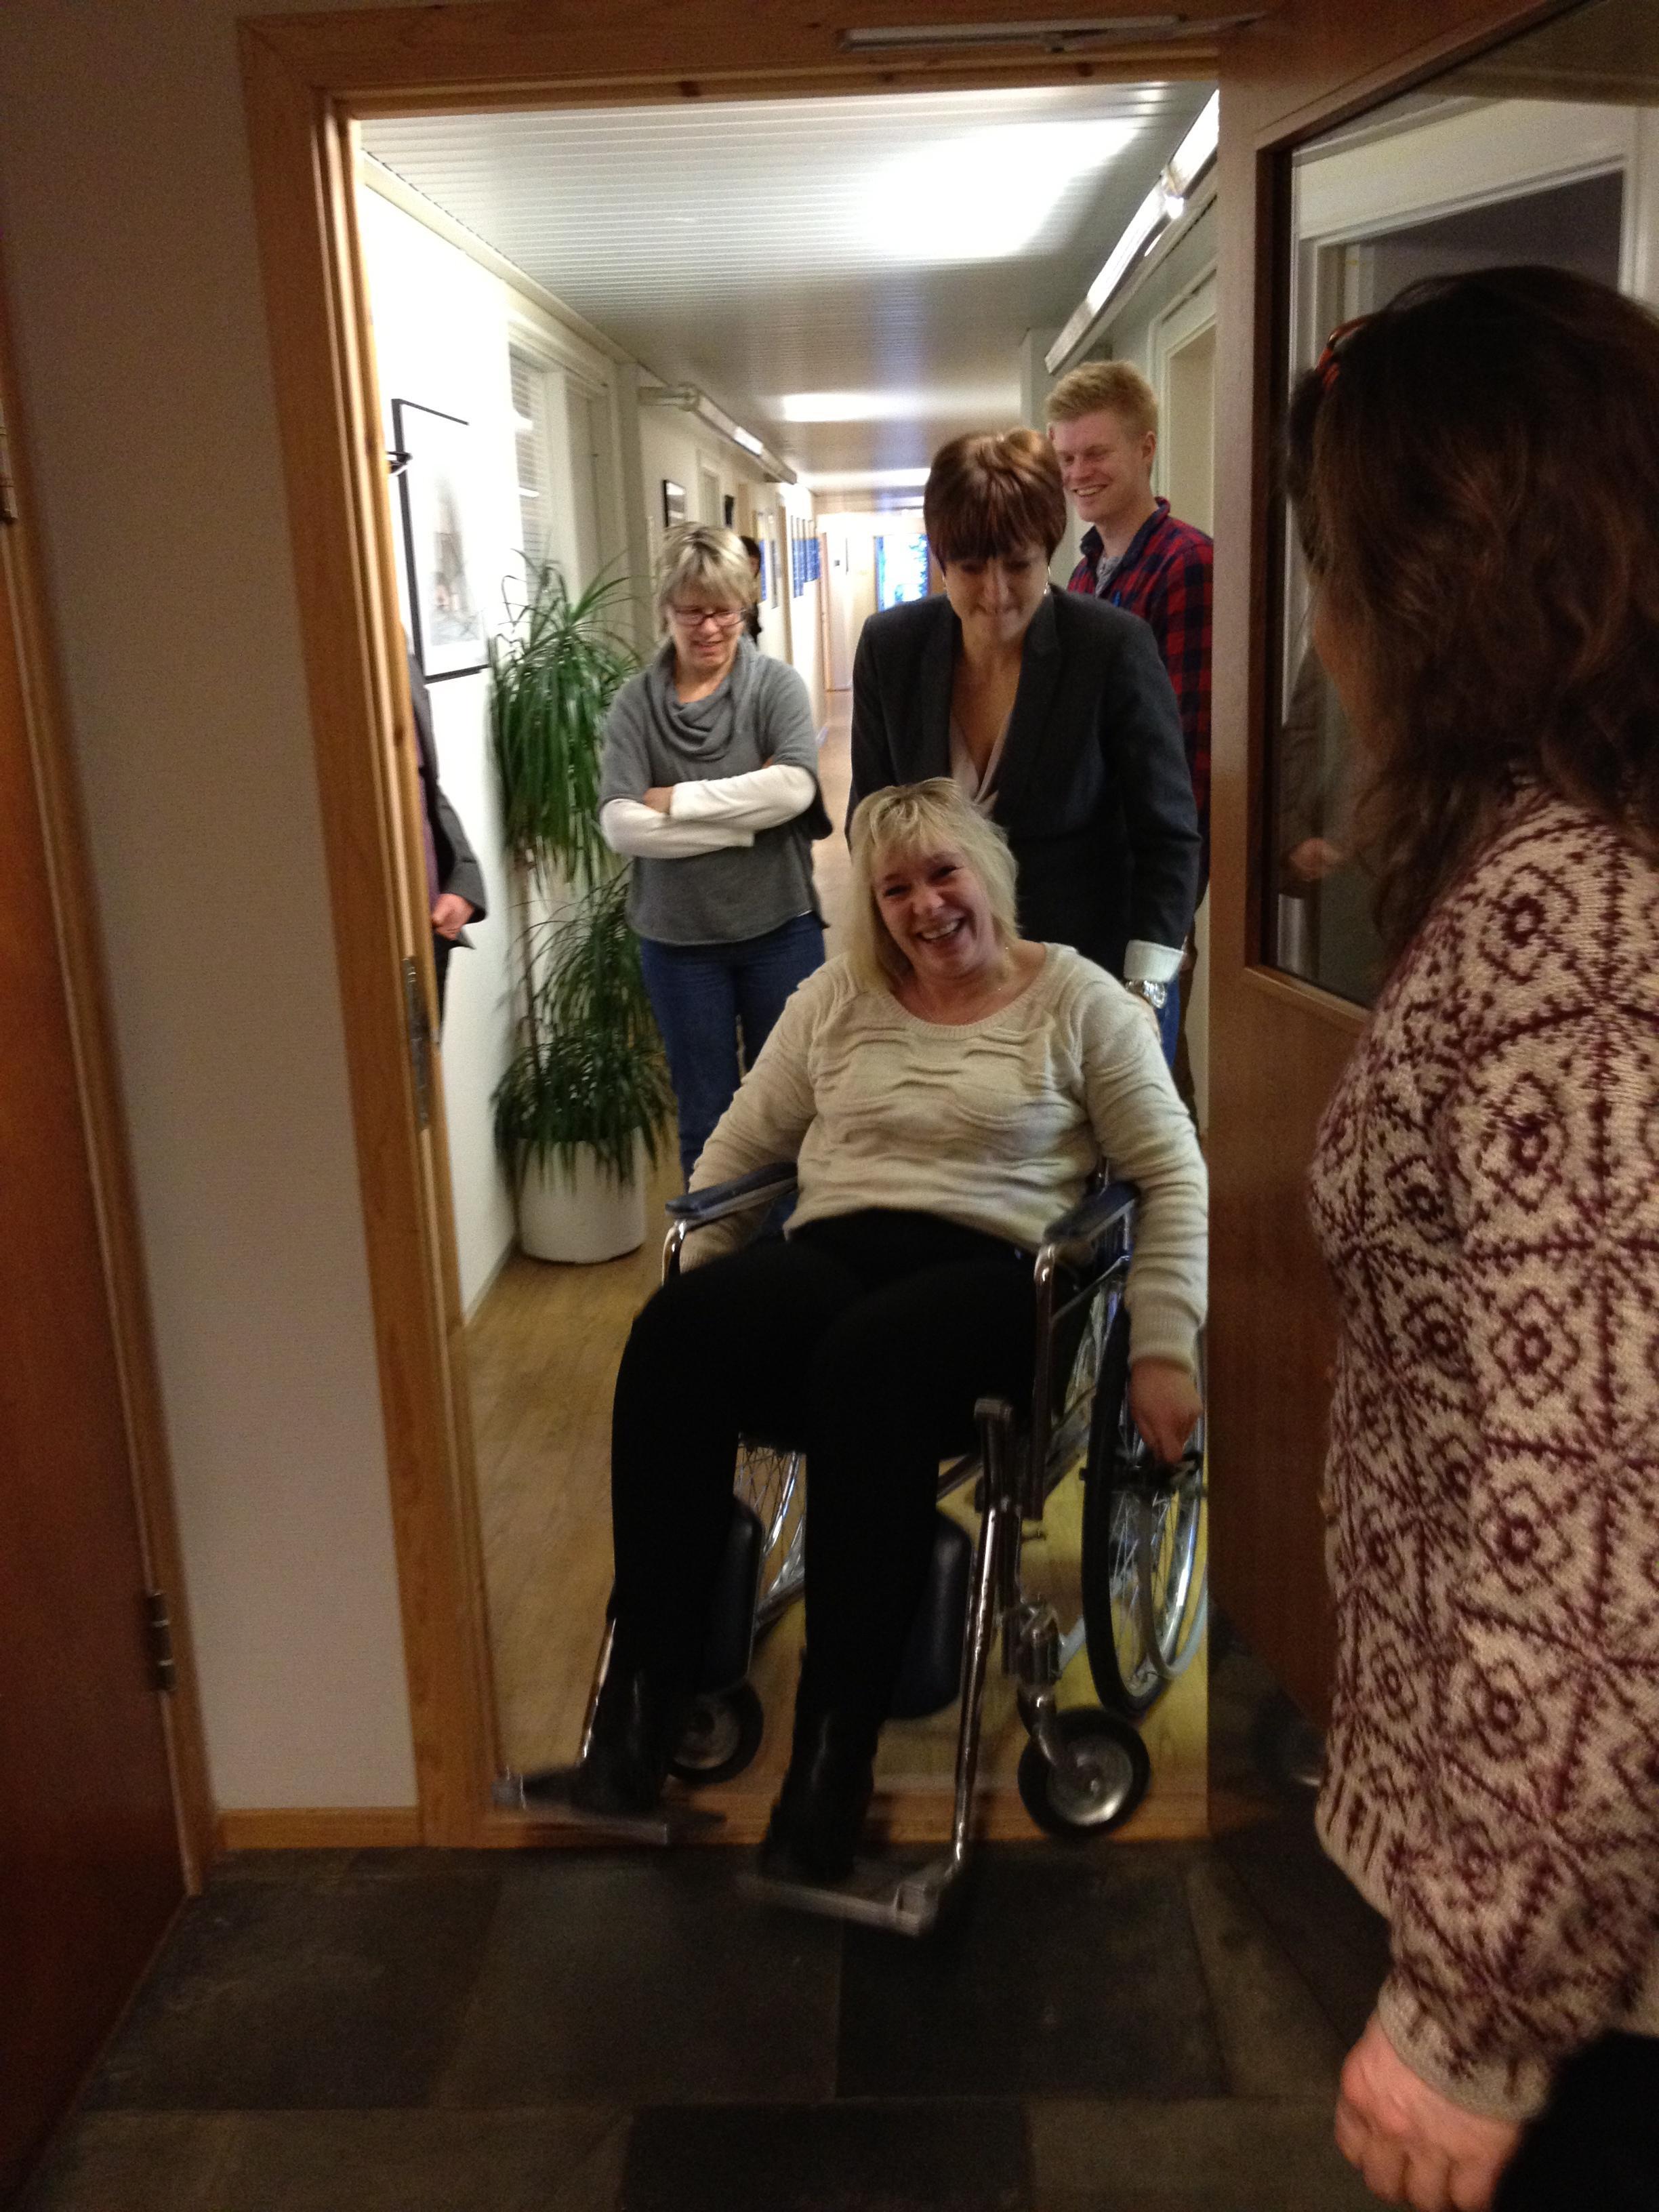 Hovedutvalgsleder Rut Olsen må ha hjelp over dørstokken i rullestol.